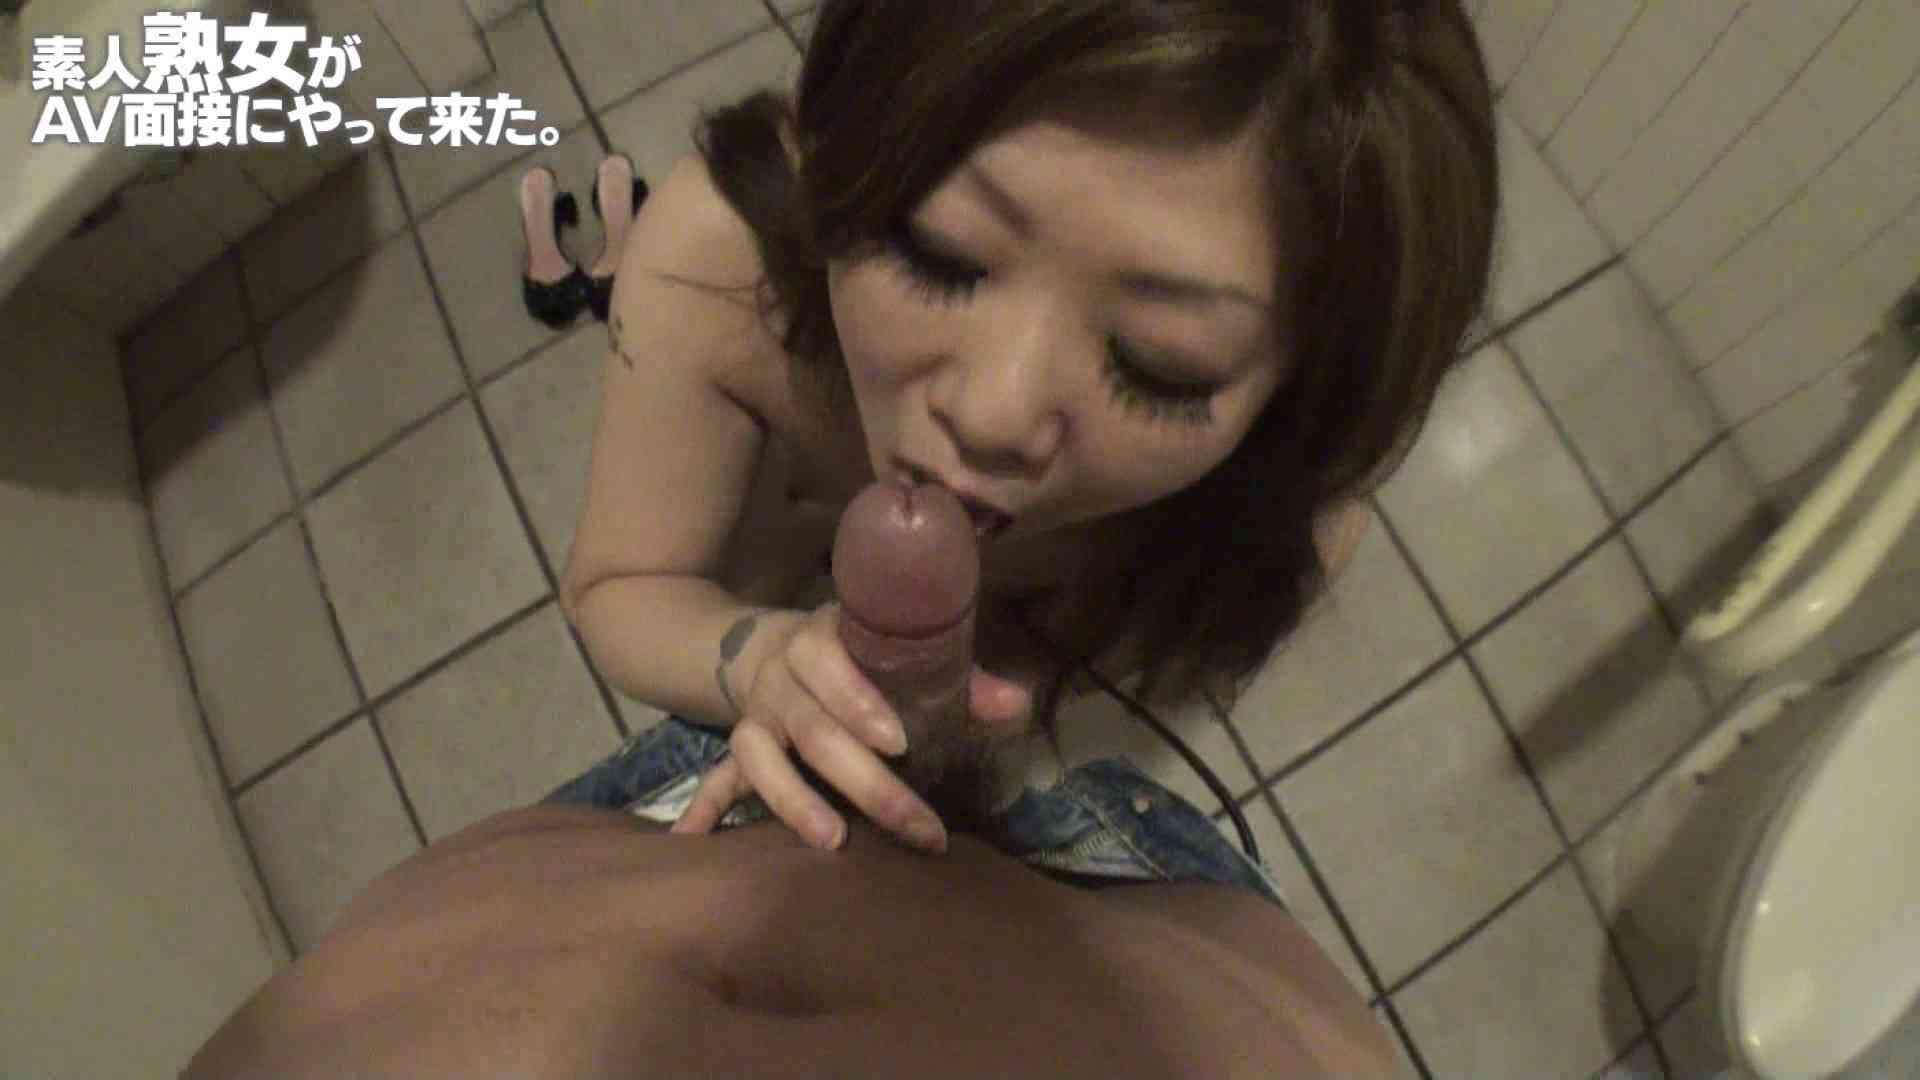 素人熟女がAV面接にやってきた (仮名)ゆかさんVOL.02 トイレ おまんこ動画流出 47連発 38